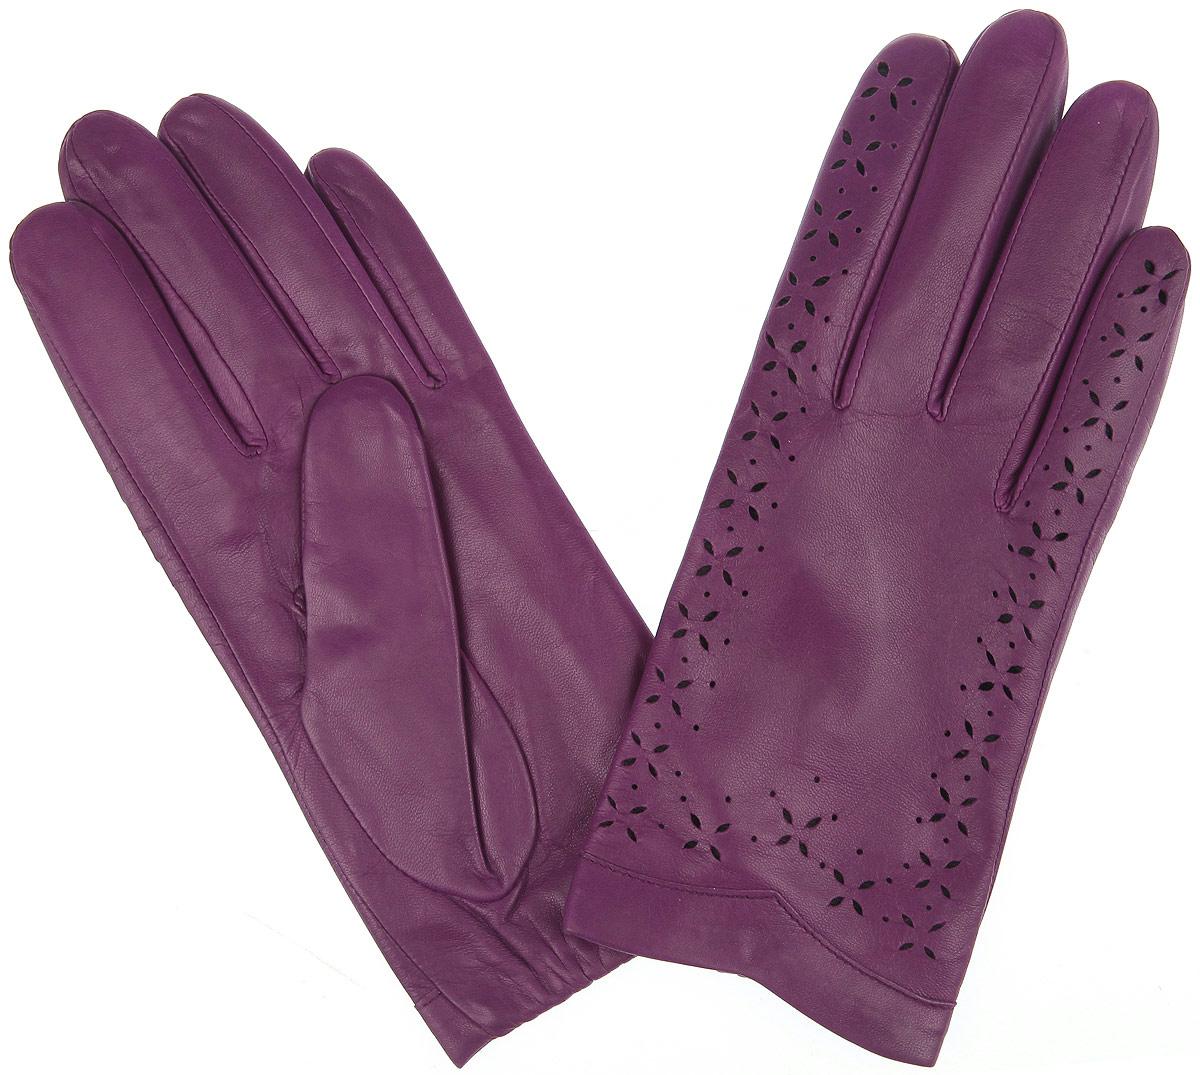 4.8-8s emillionСтильные перчатки Fabretti с шелковой подкладкой выполнены из мягкой и приятной на ощупь натуральной кожи ягненка и оформлены декоративной перфорацией. Тыльная сторона манжета оснащена резинкой для оптимальной посадки модели на руке. Перчатки станут достойным элементом вашего стиля и сохранят тепло ваших рук.